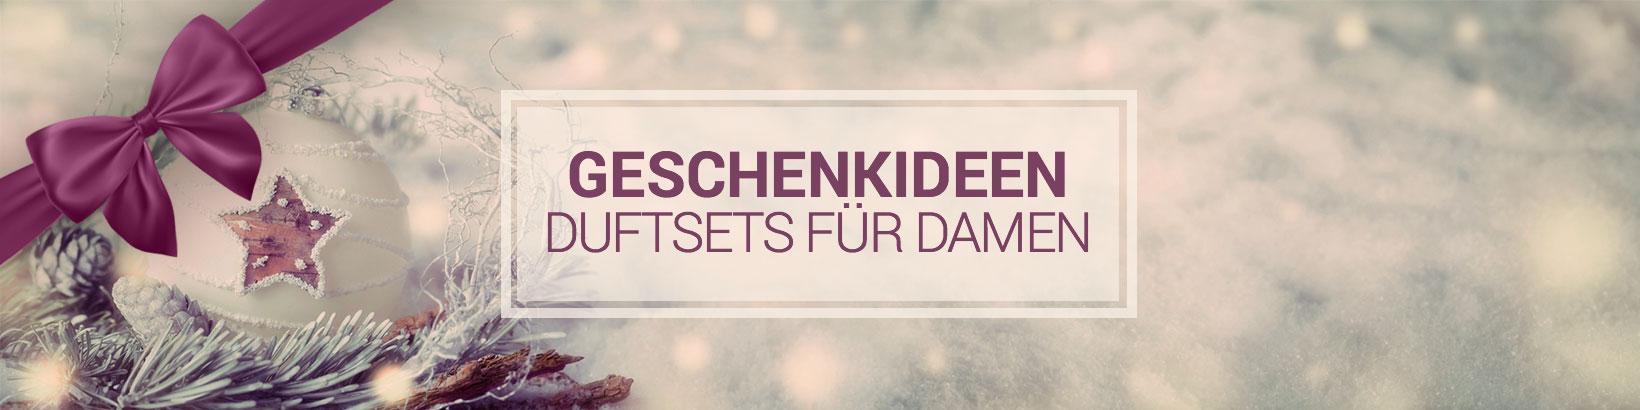 Visual-Weihnachent-Geschenke-Damen-Duftsets-1640x410